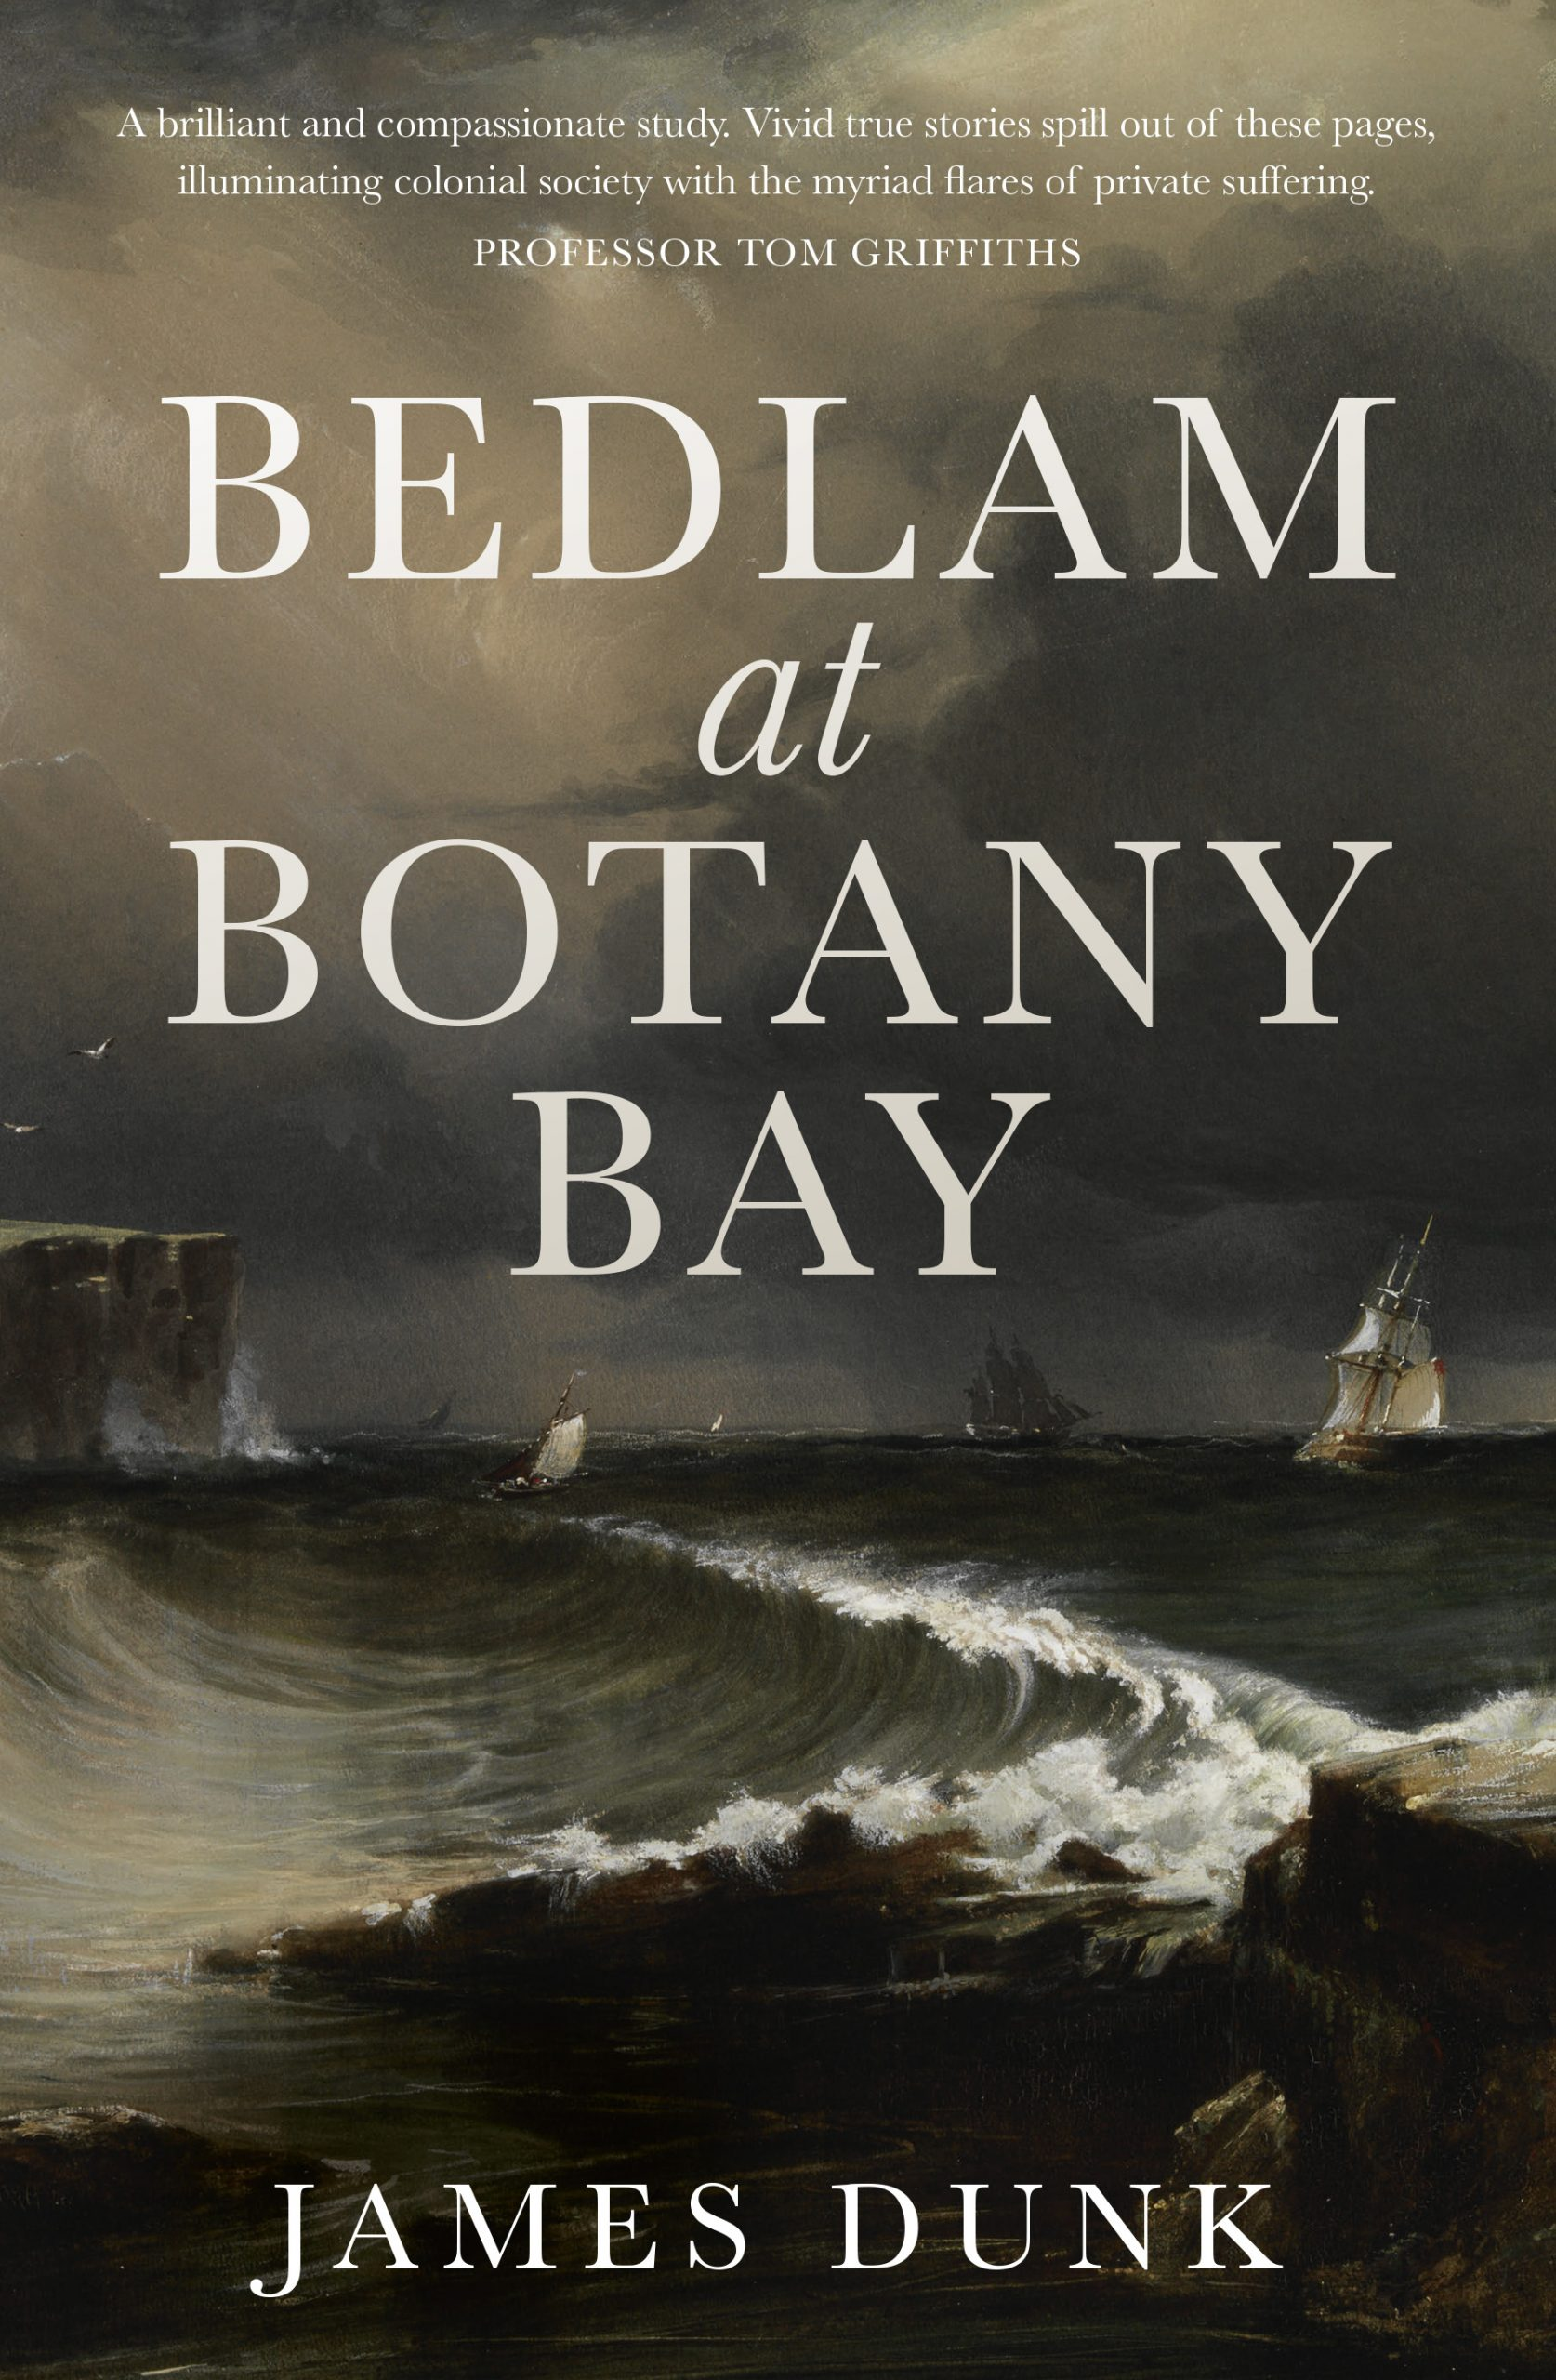 Bedlam at Botany Bay